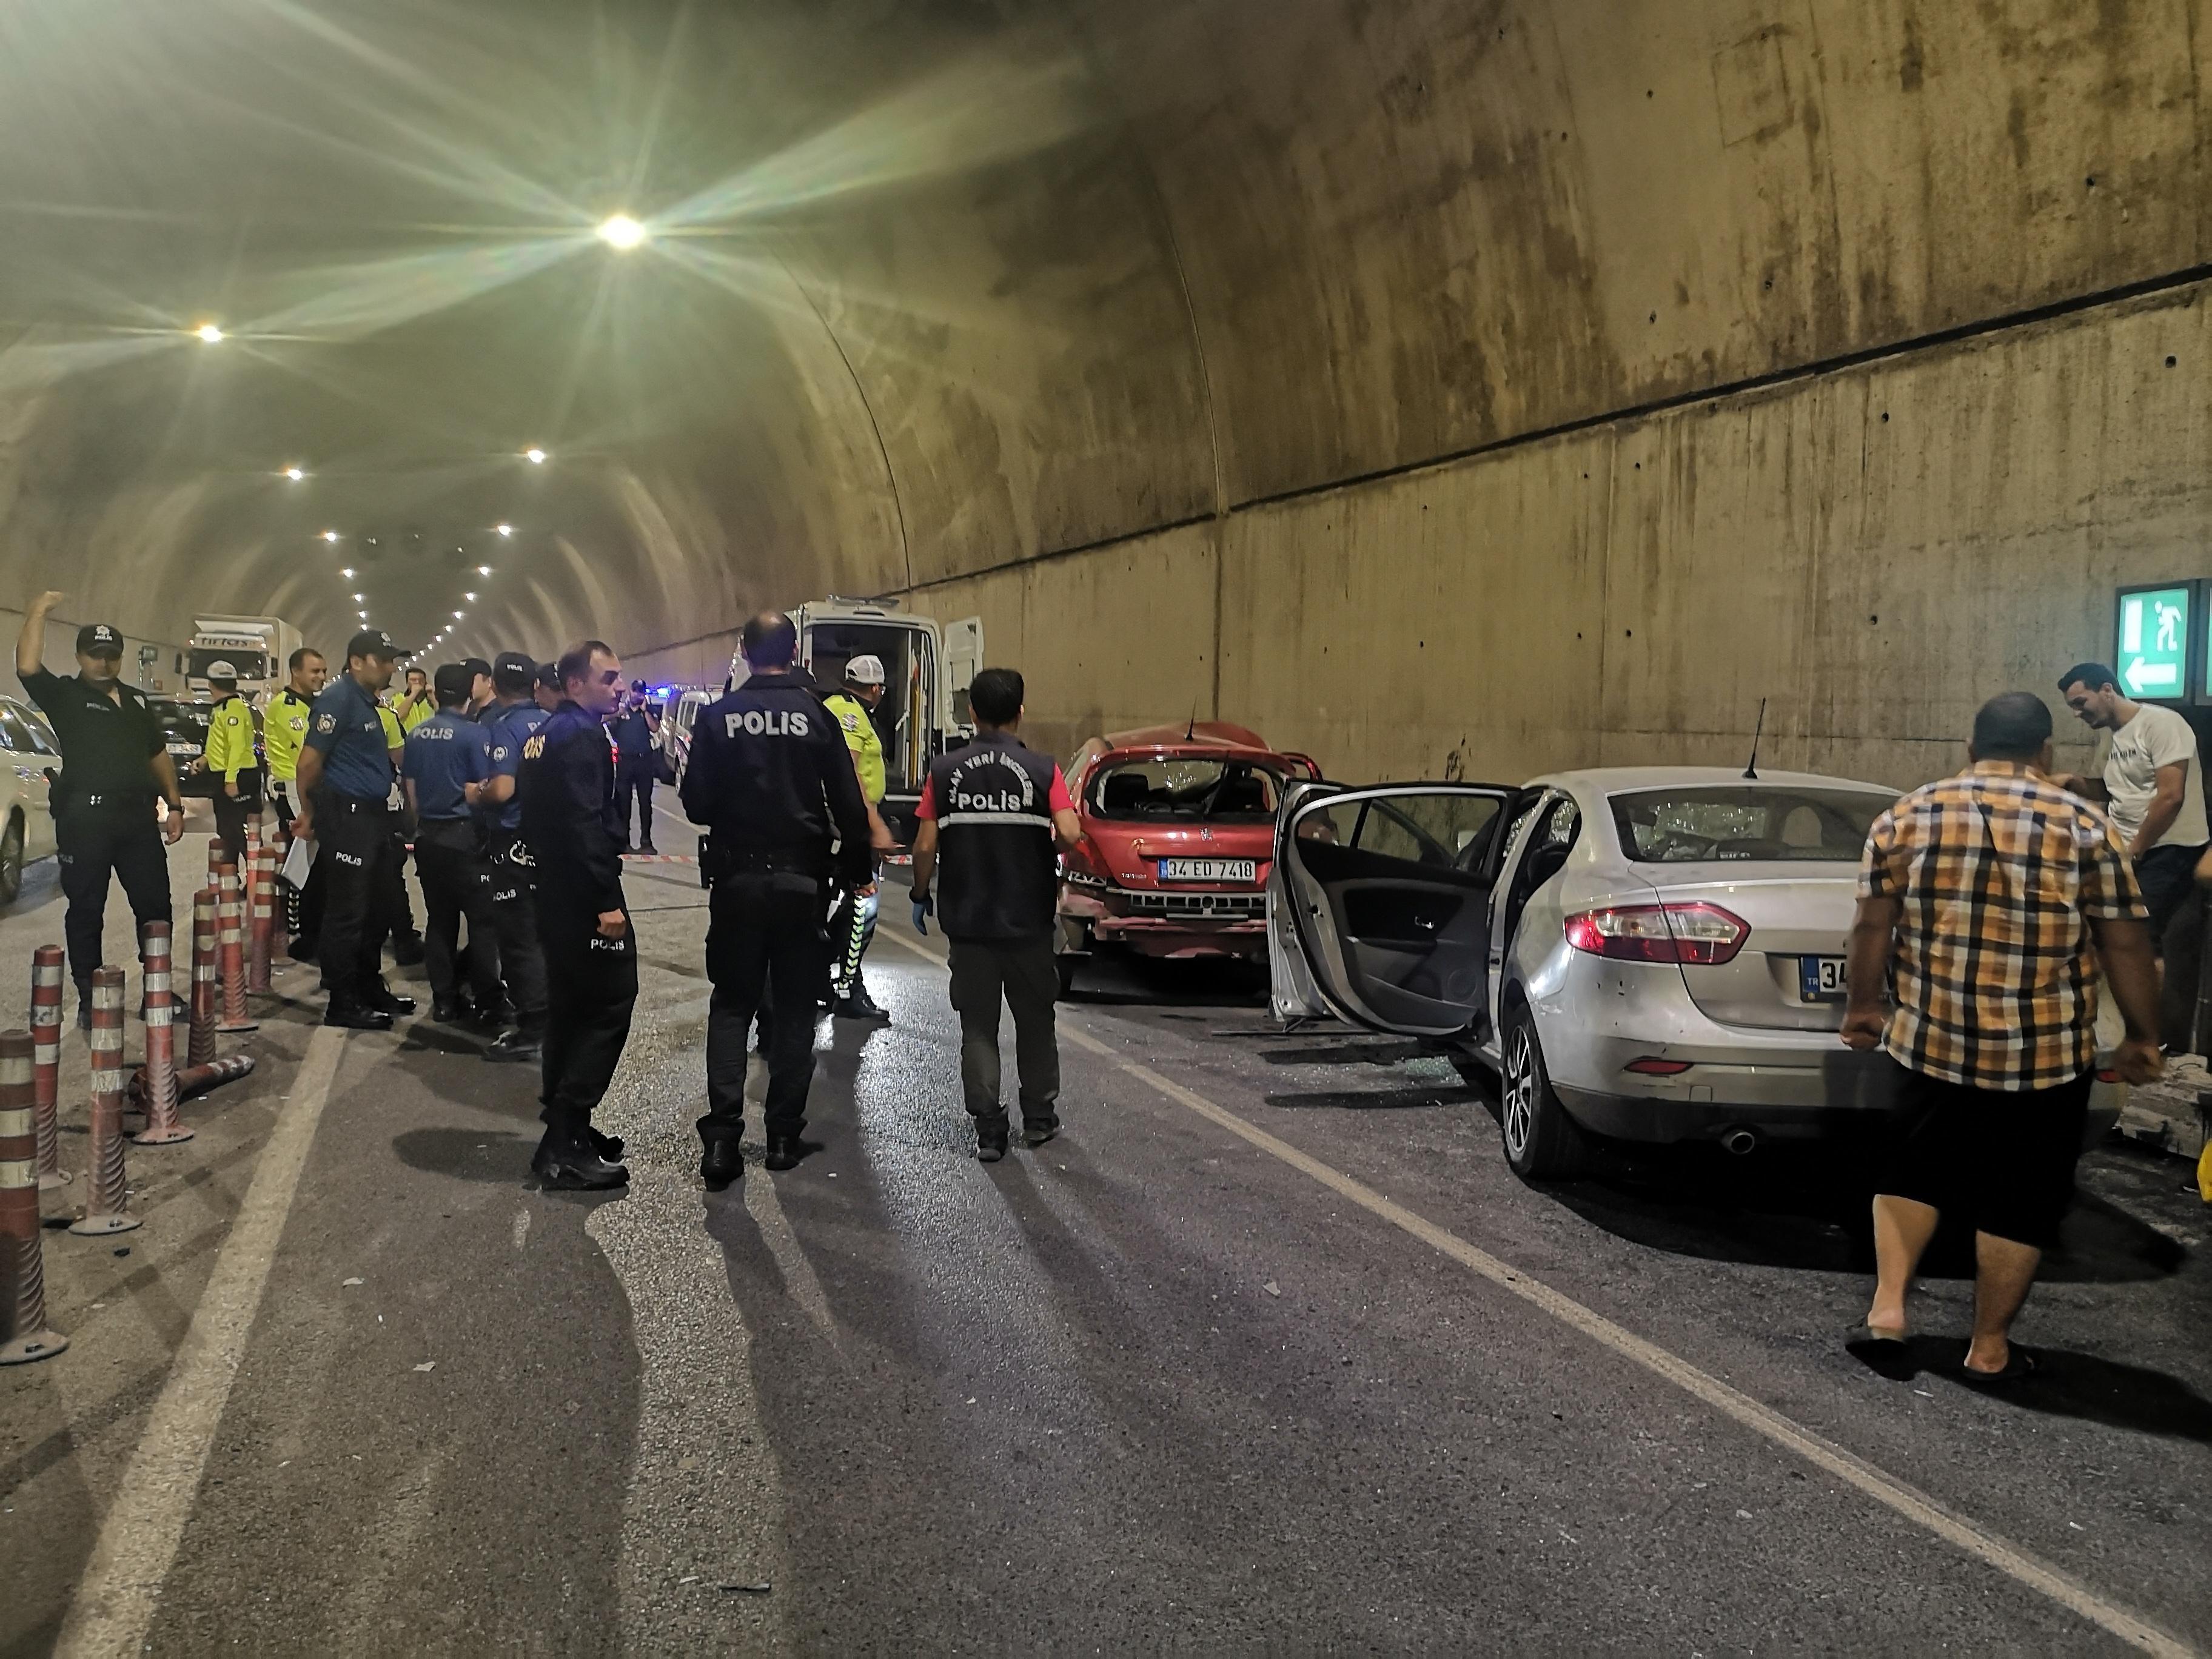 Pendik'te tünelde feci kaza: 2 ölü, 1 yaralı